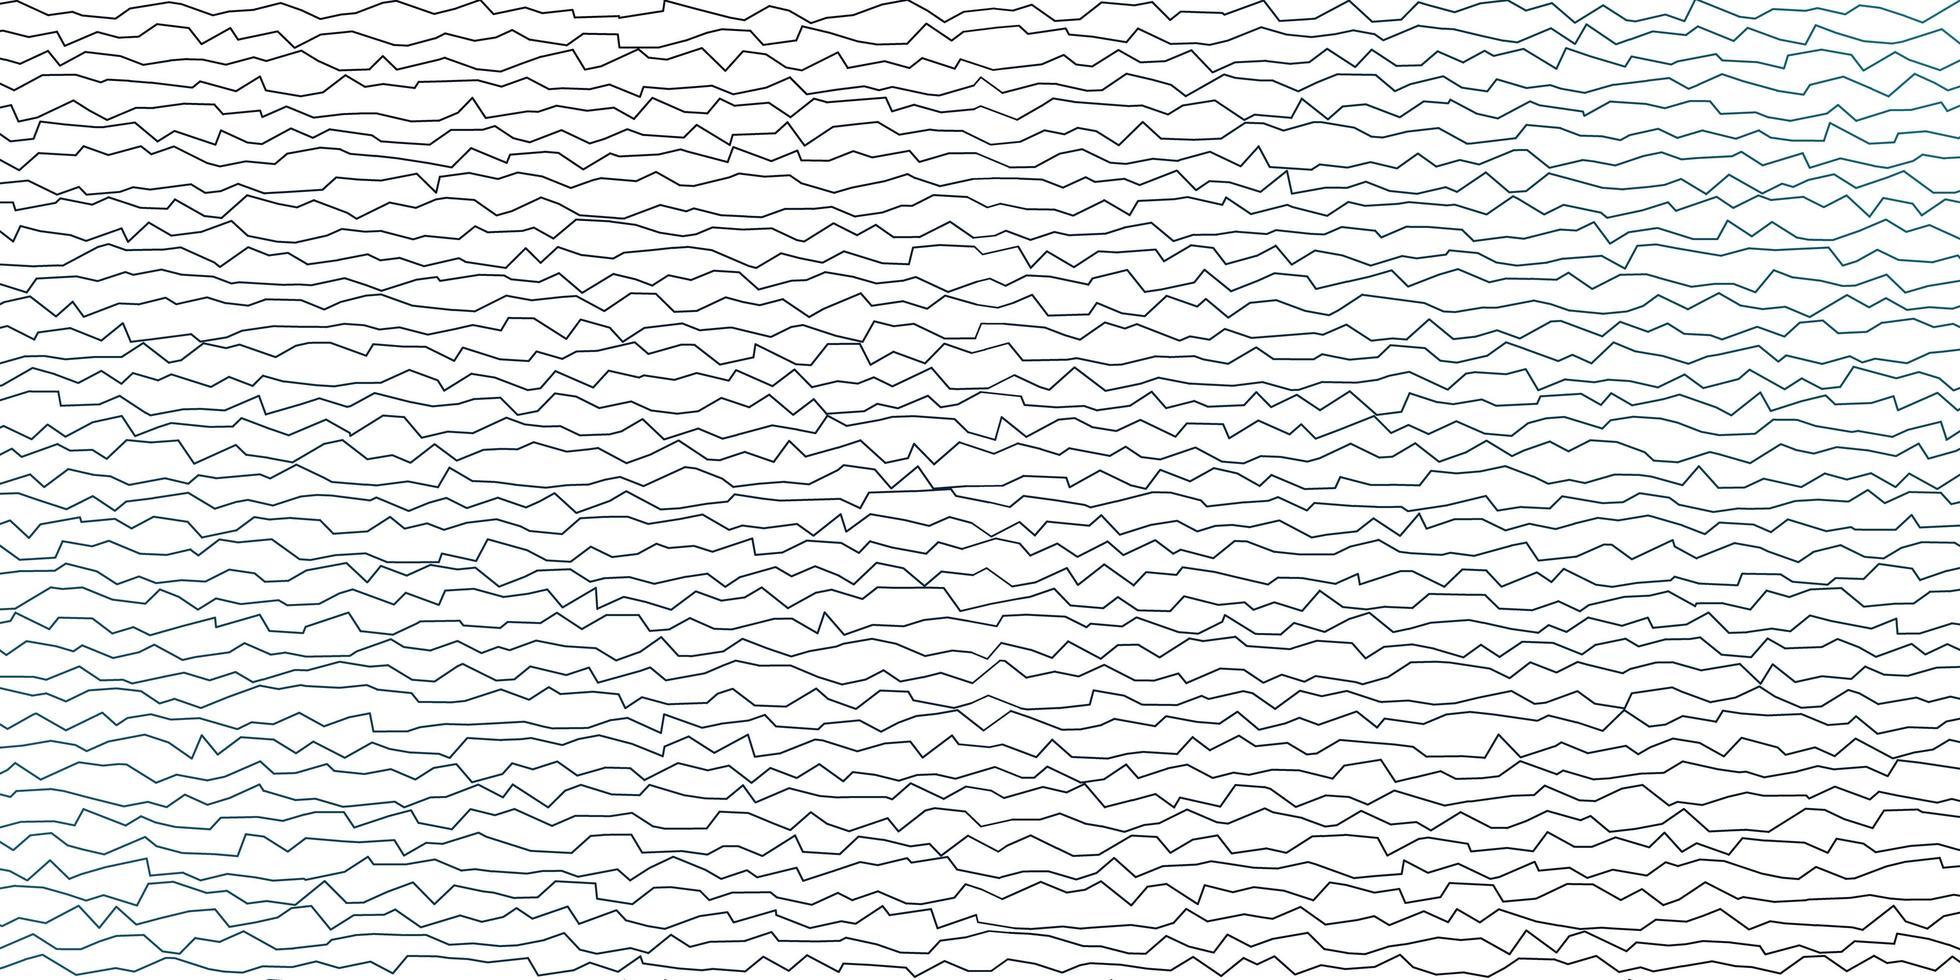 padrão de vetor azul escuro com linhas irônicas.